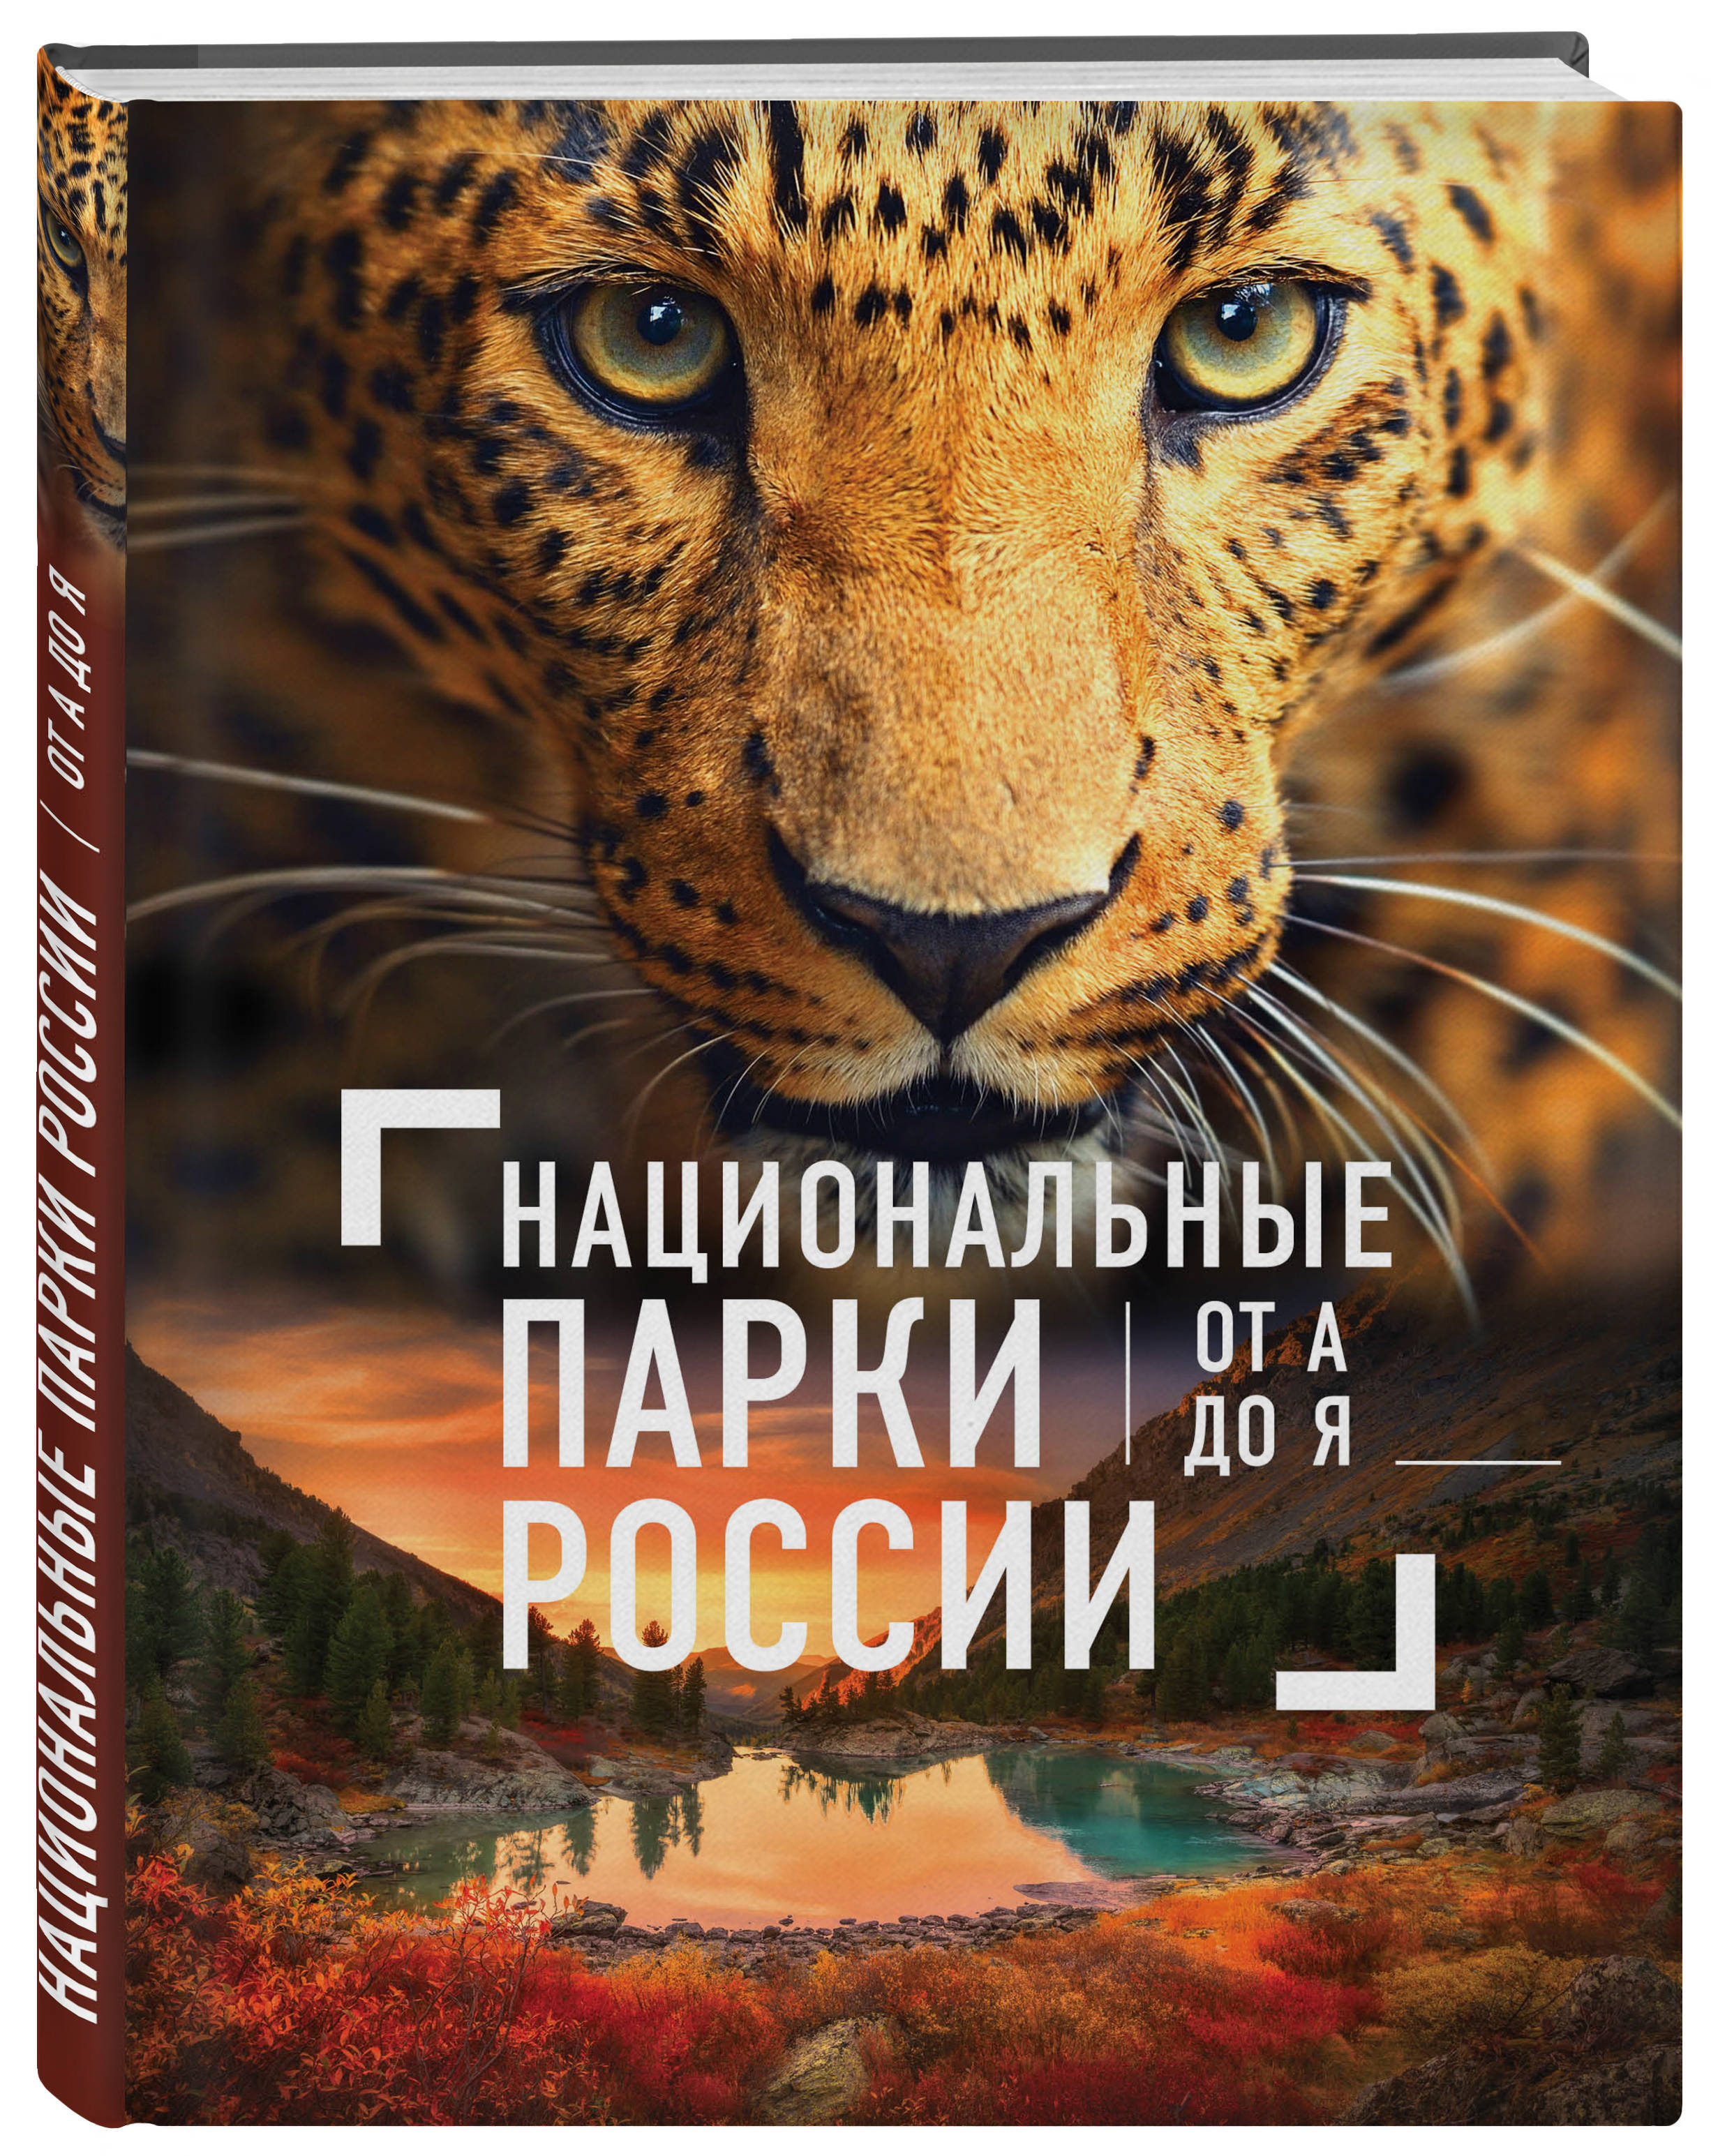 Елена Леводянская Национальные парки России от А до Я тарифный план